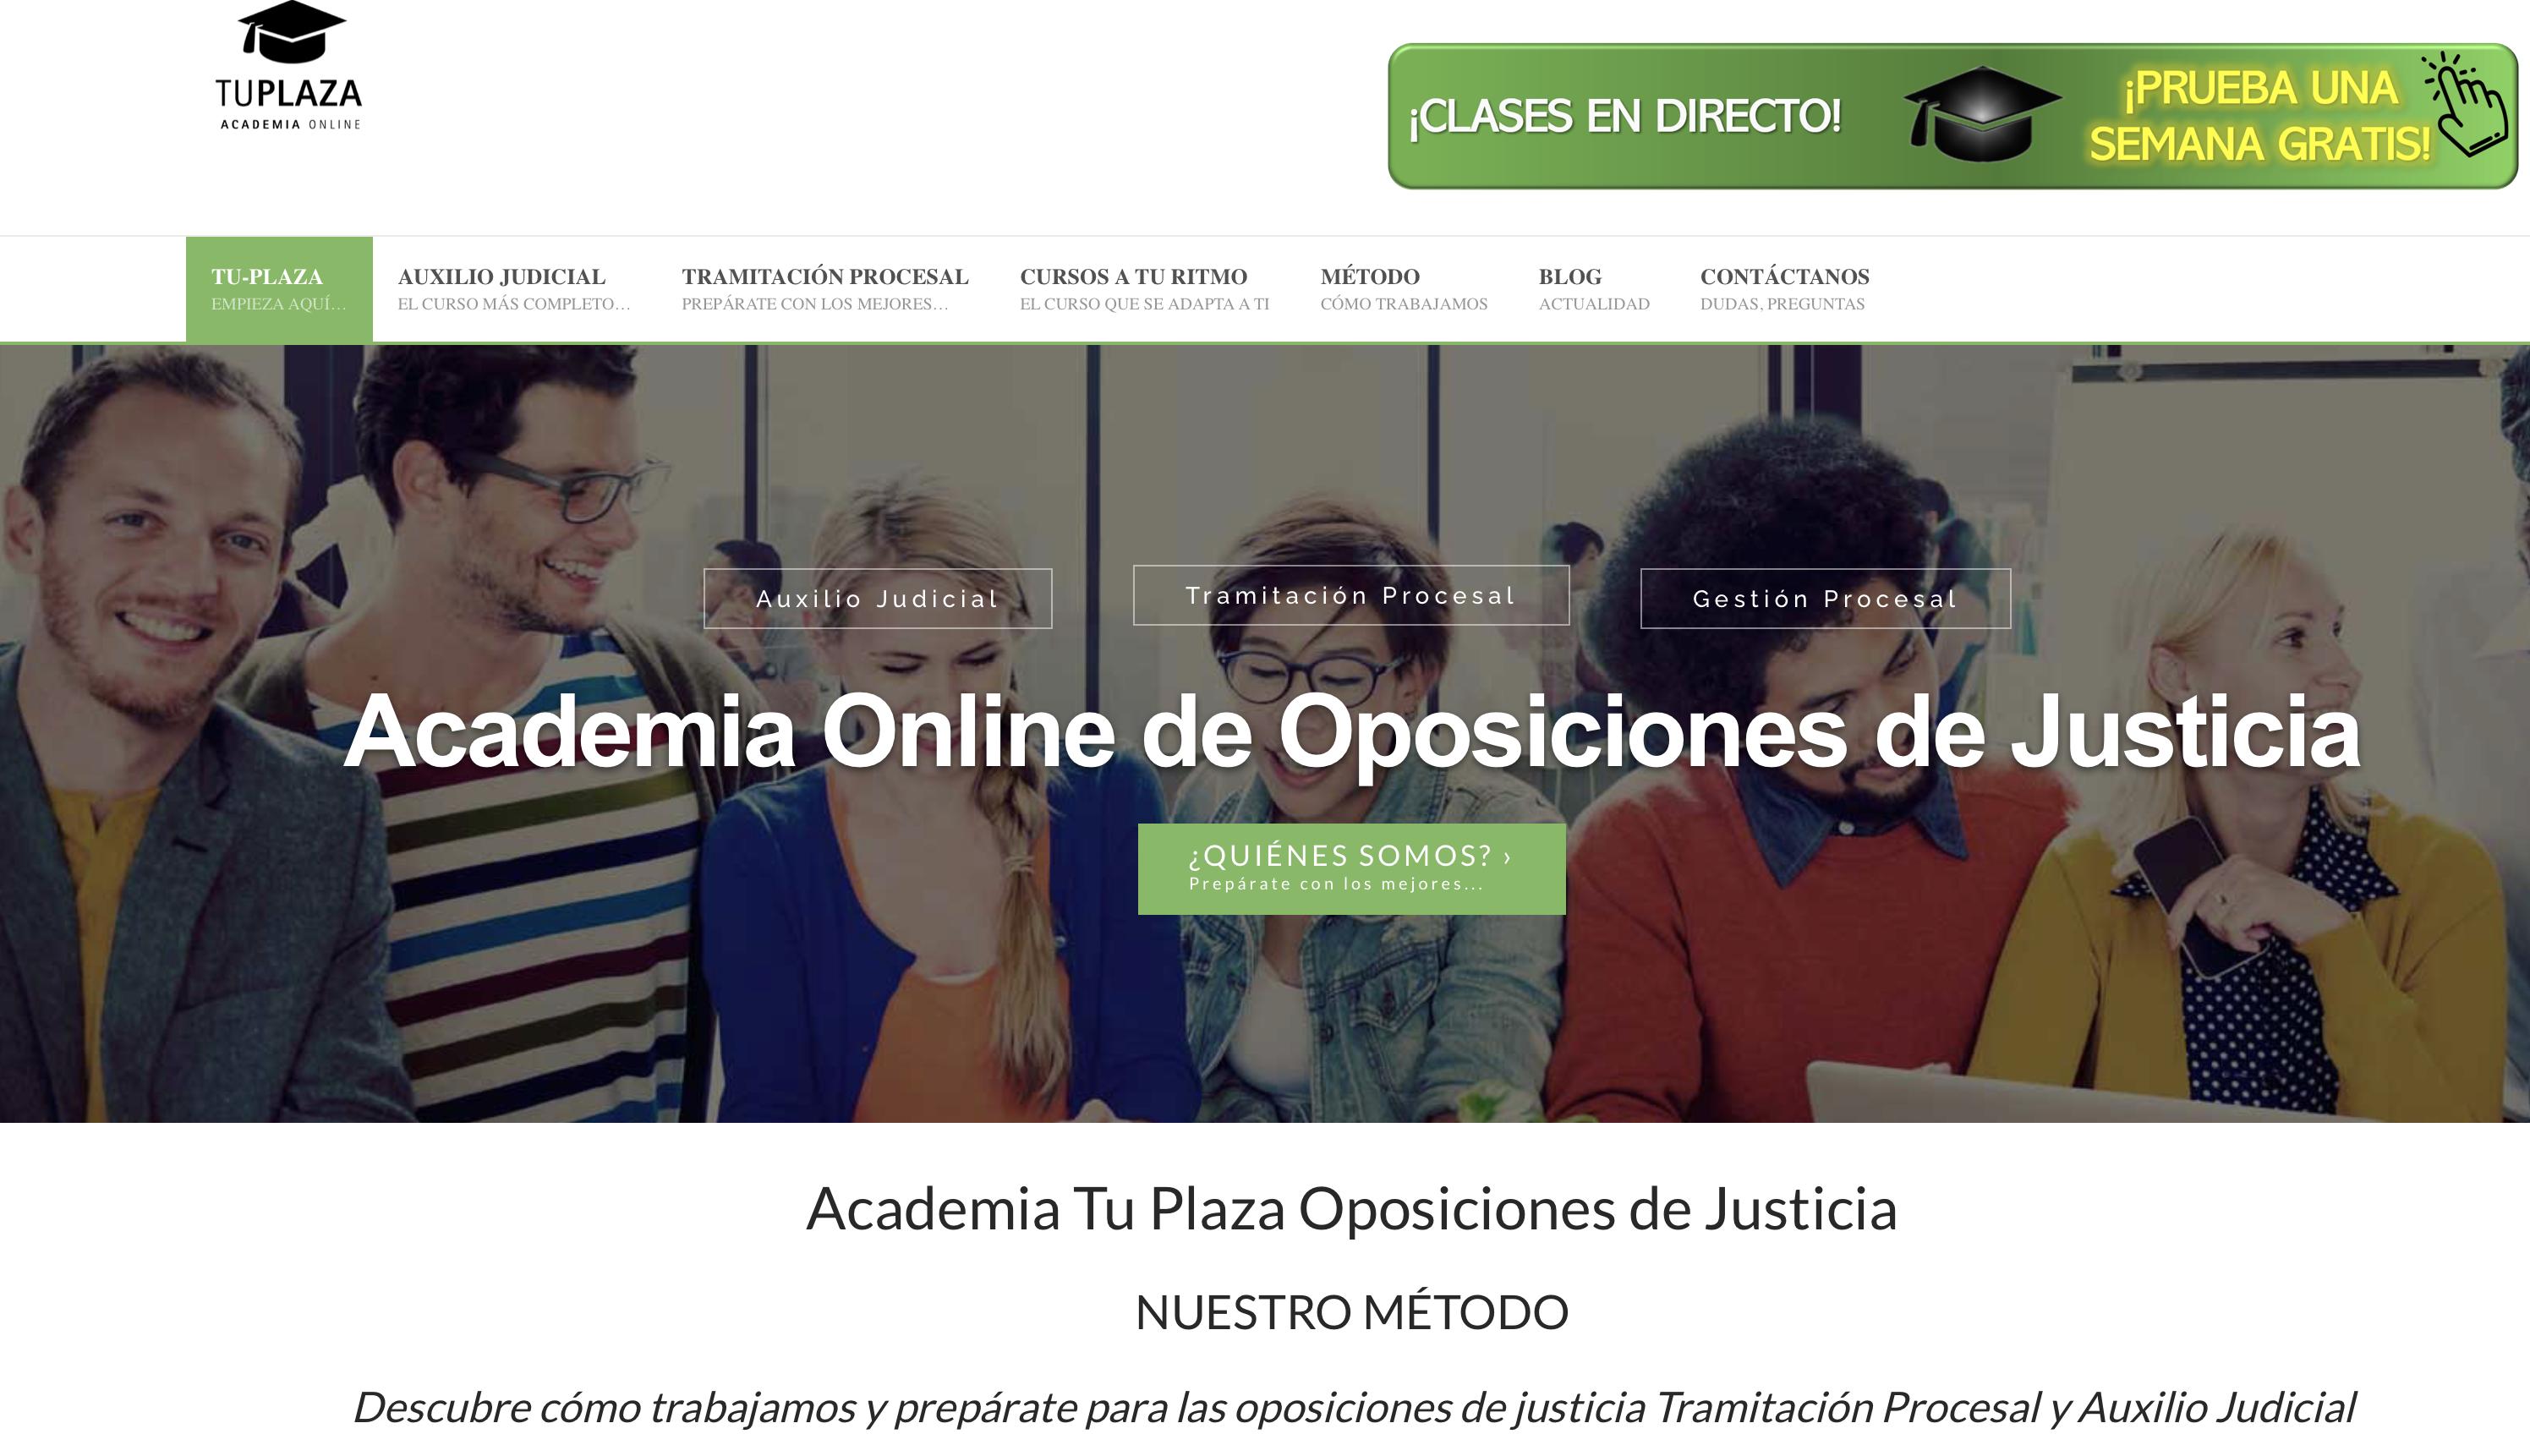 academias oposiciones justicia